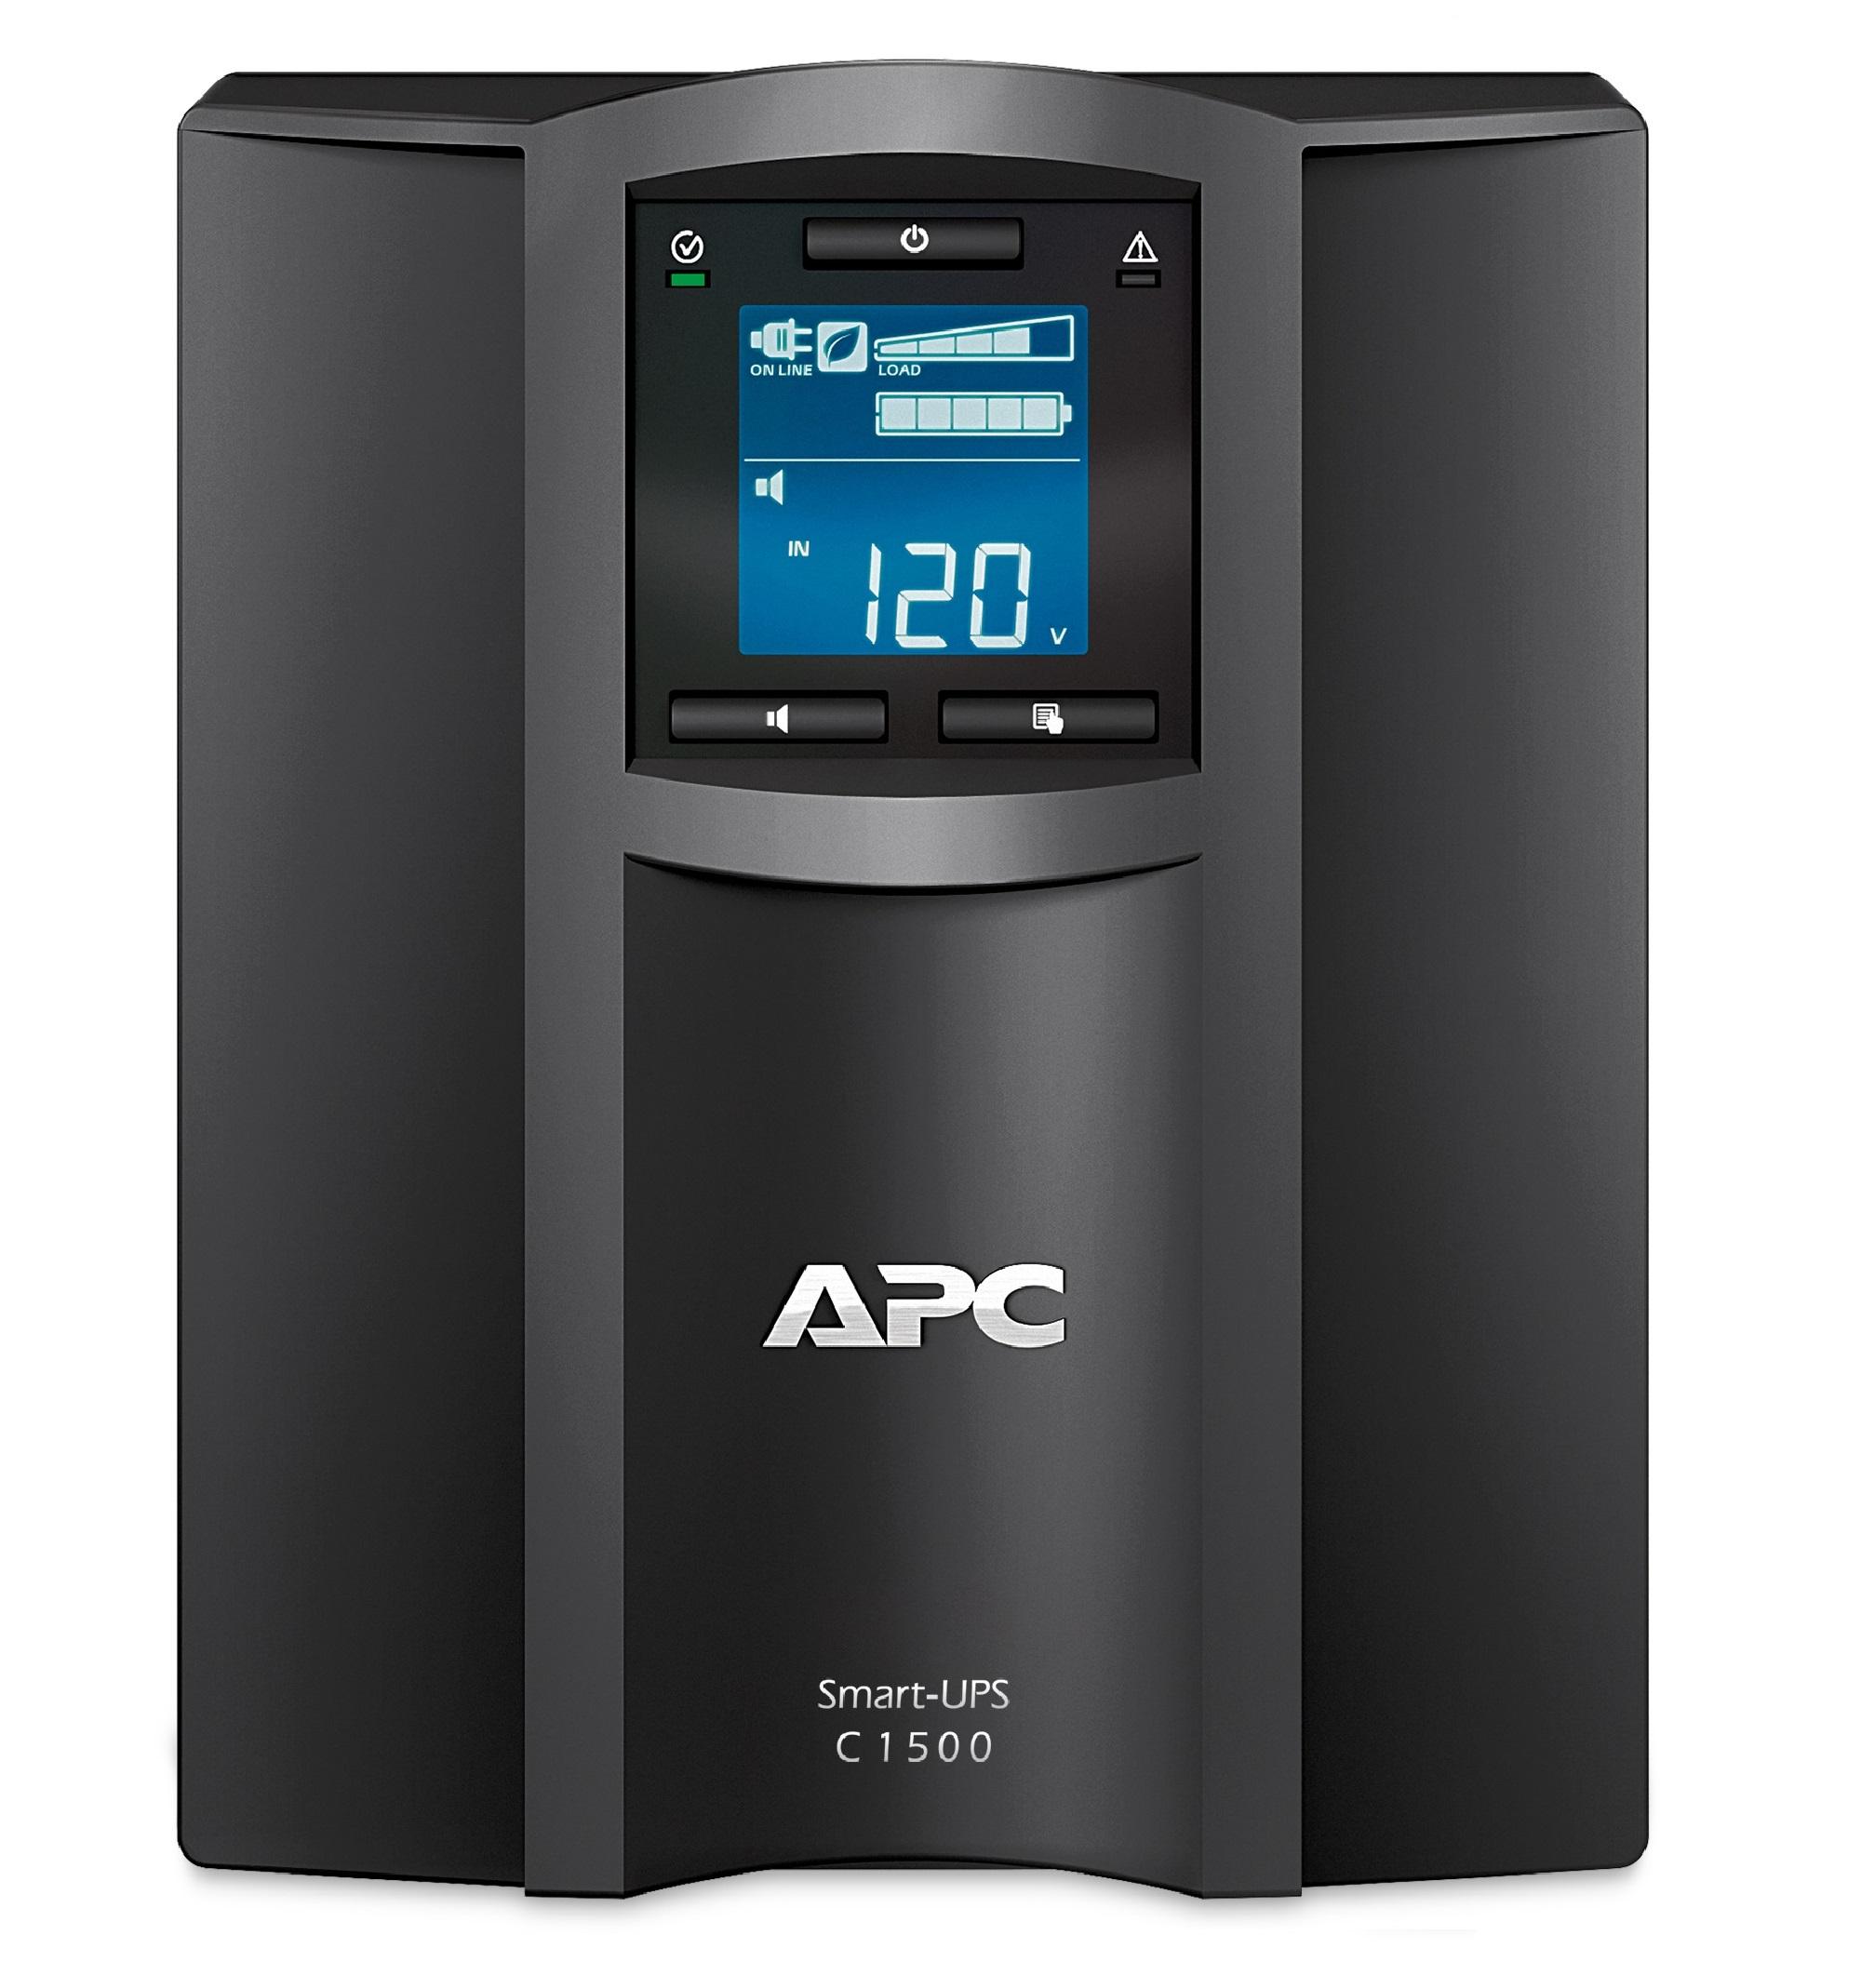 Nobreak inteligente Smart-UPS C da APC, de 1500 VA e 120 V